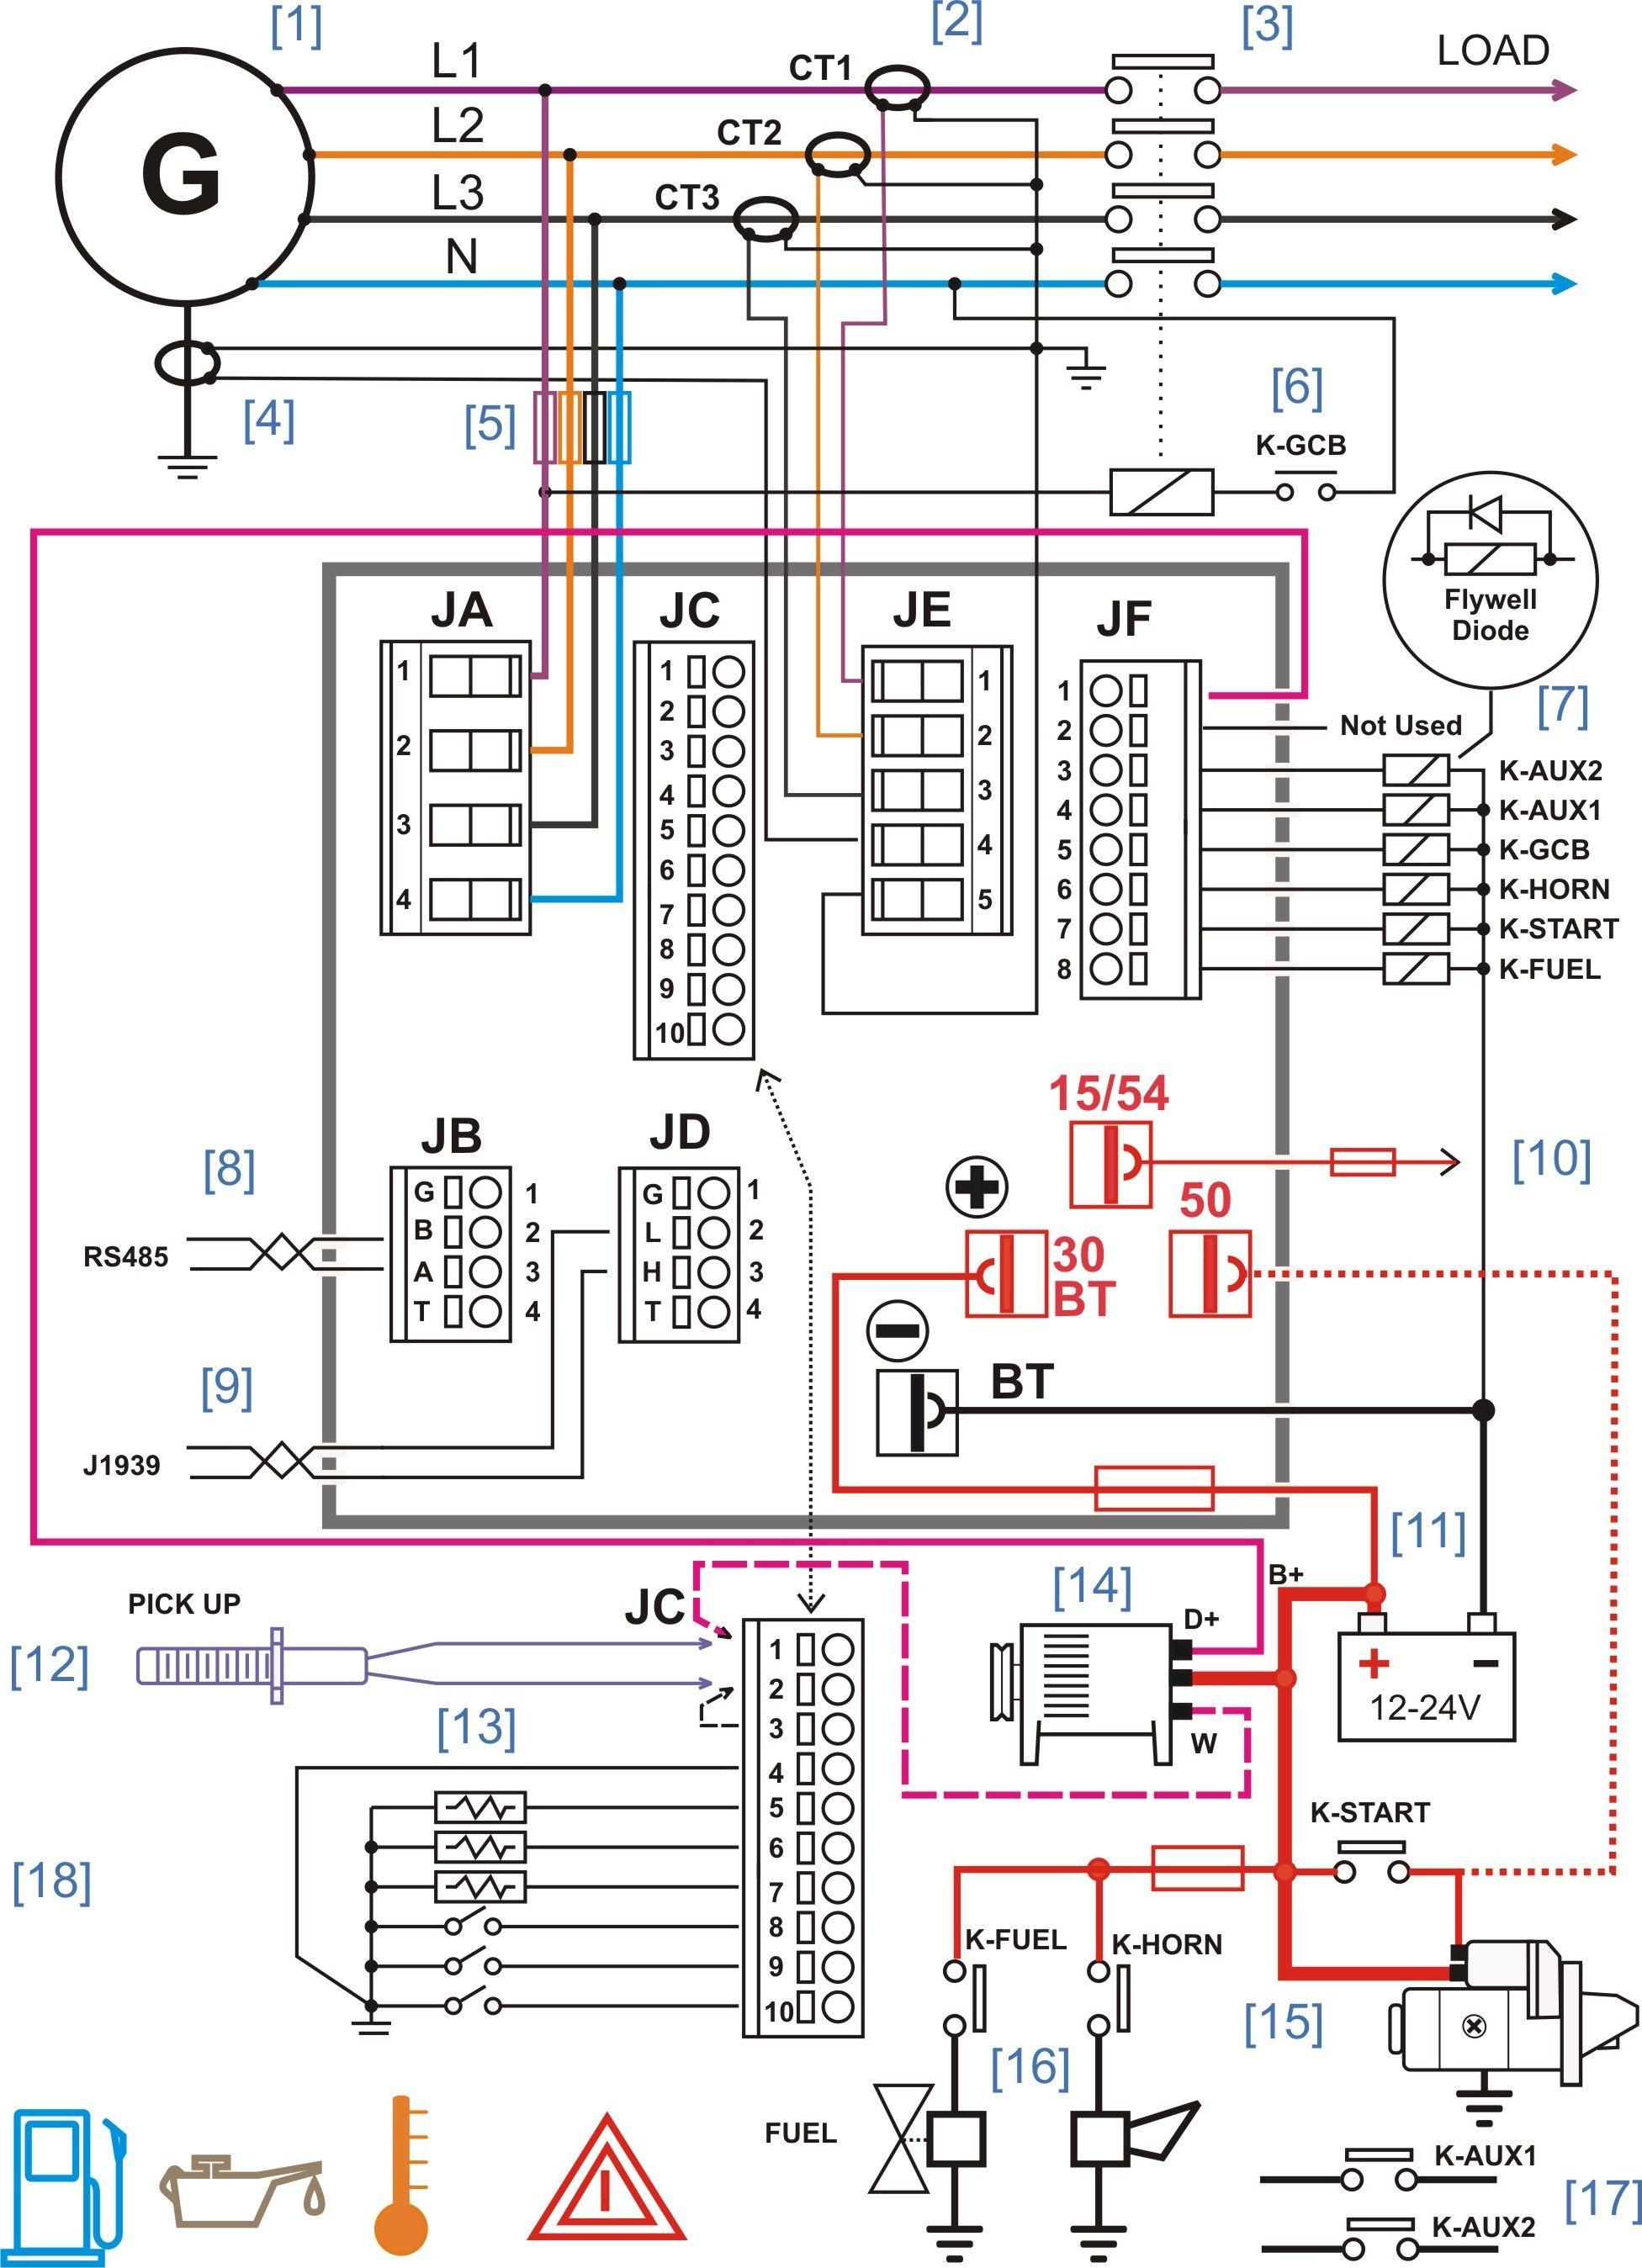 Unique Wiring Diagram For Car Generator Diagrama De Circuito